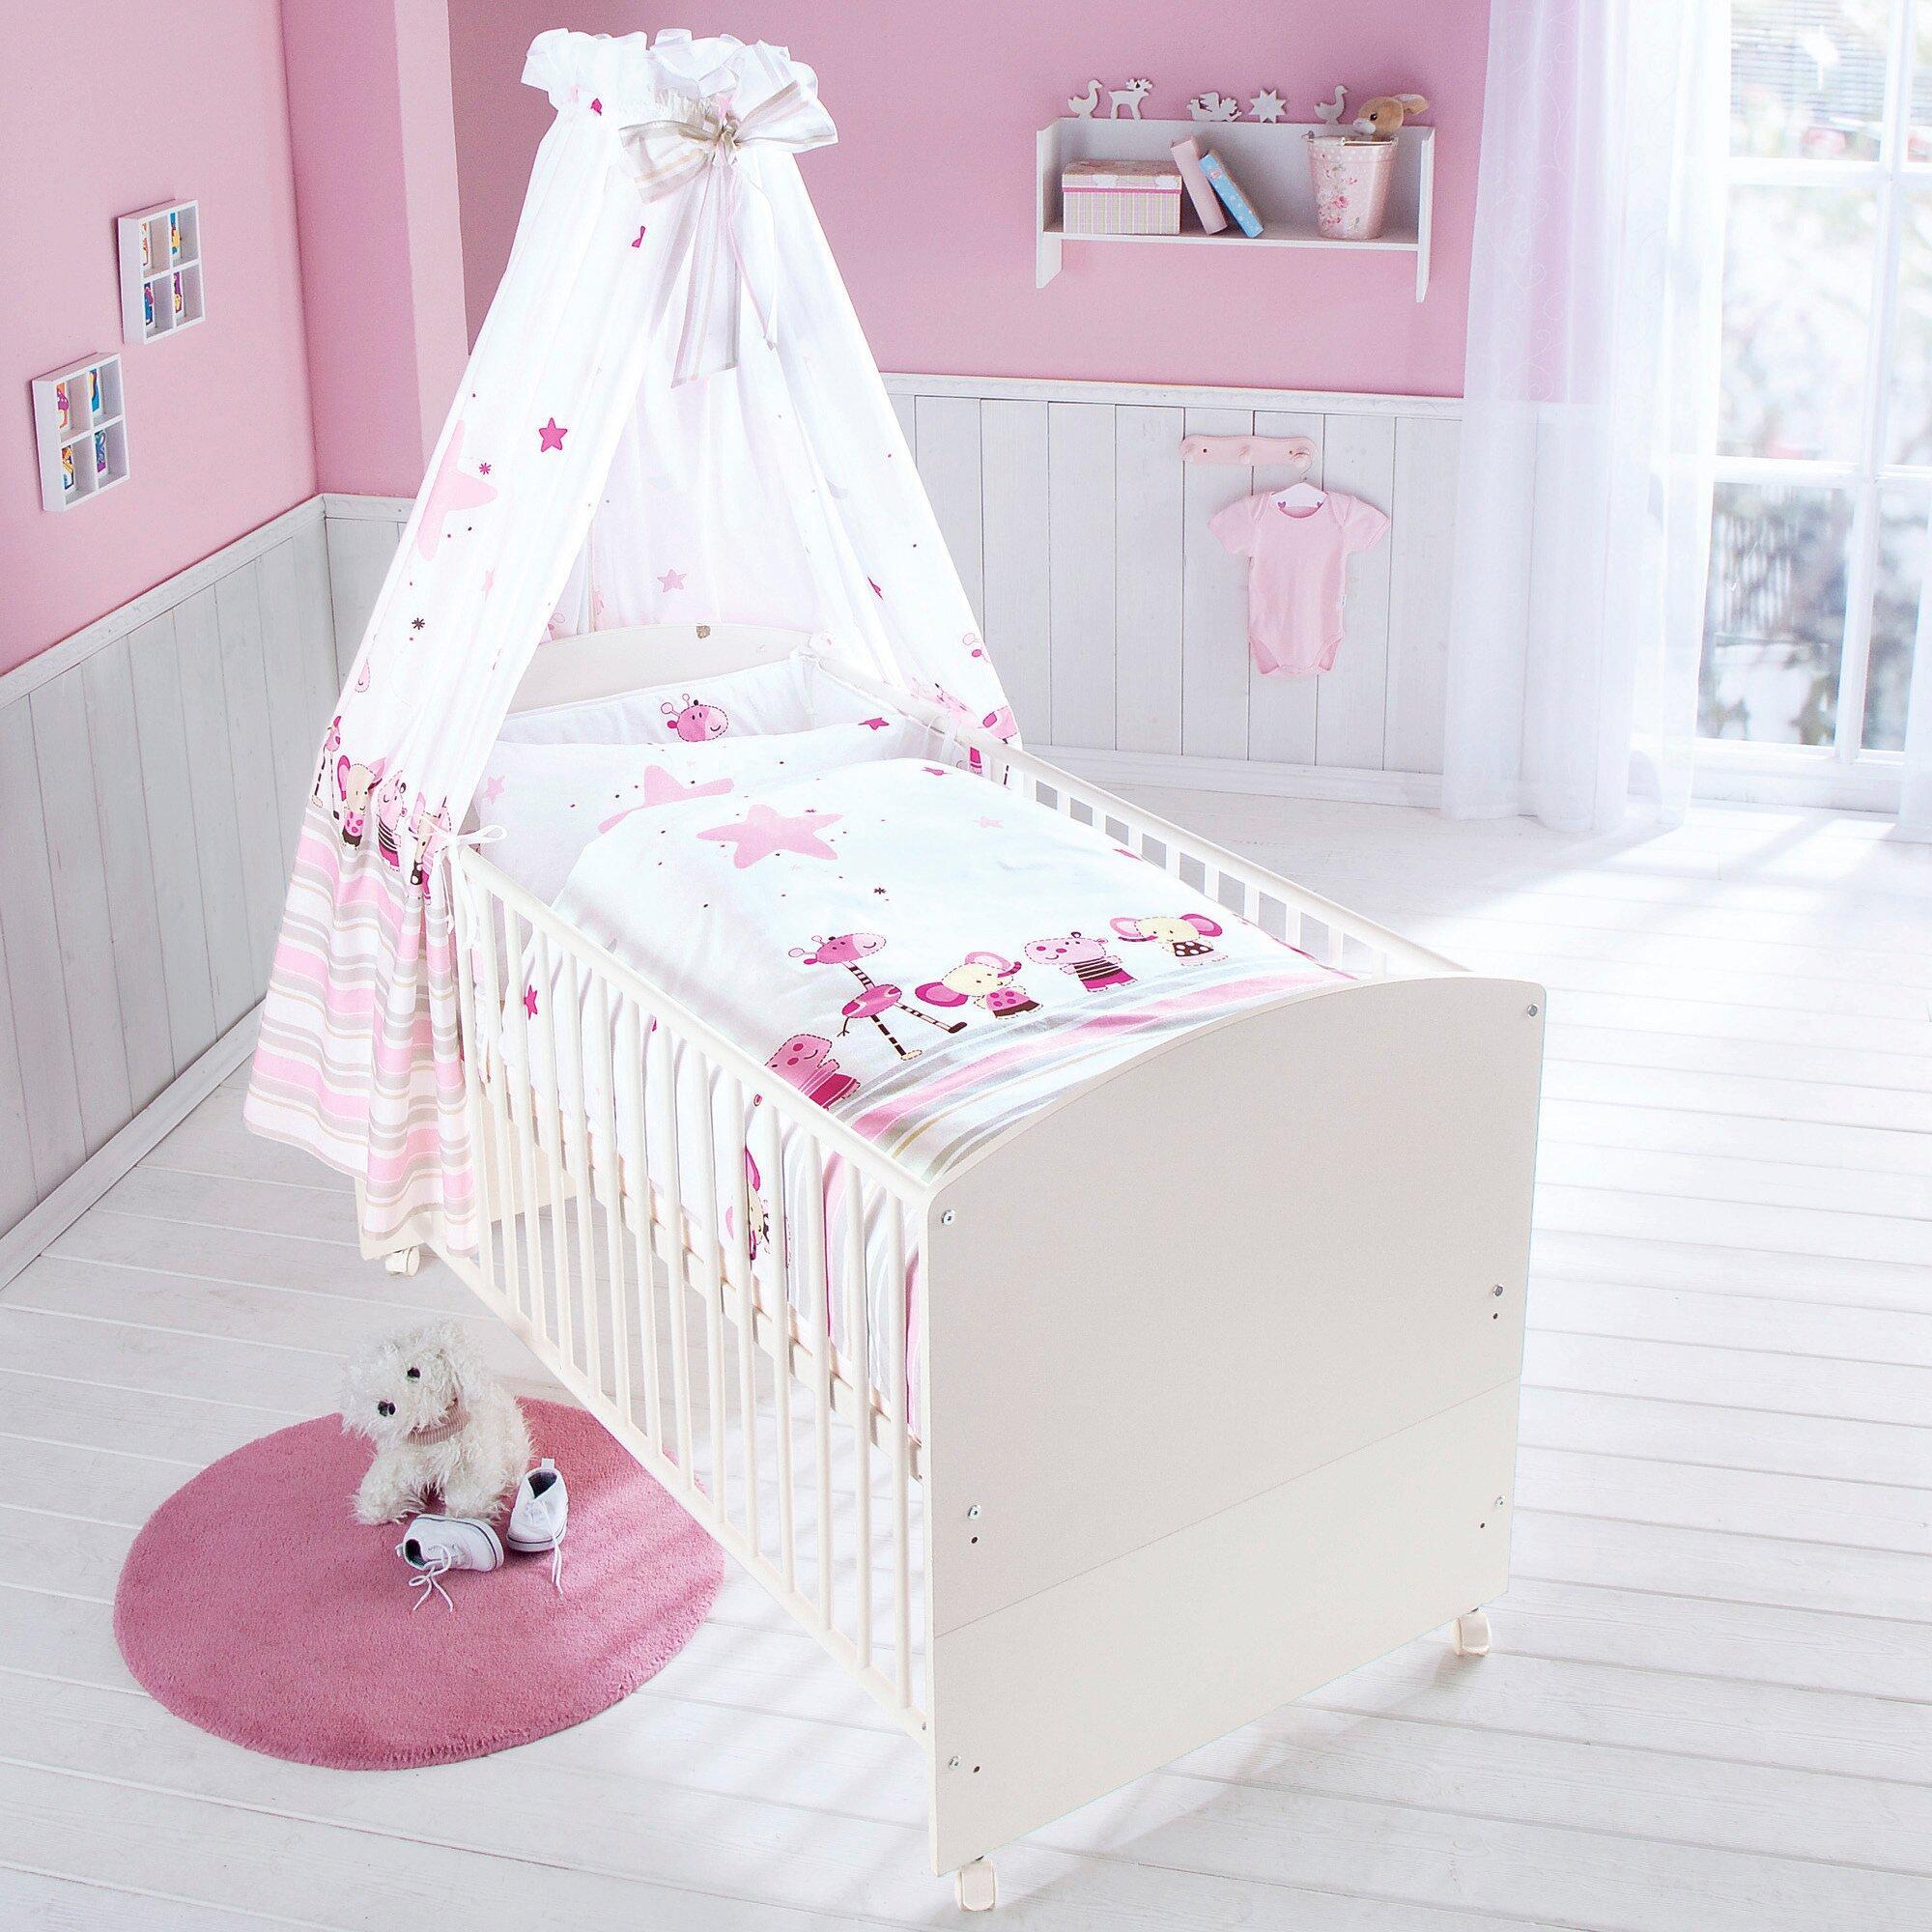 Babybett mit Ausstattung Banjo 70x140 cm